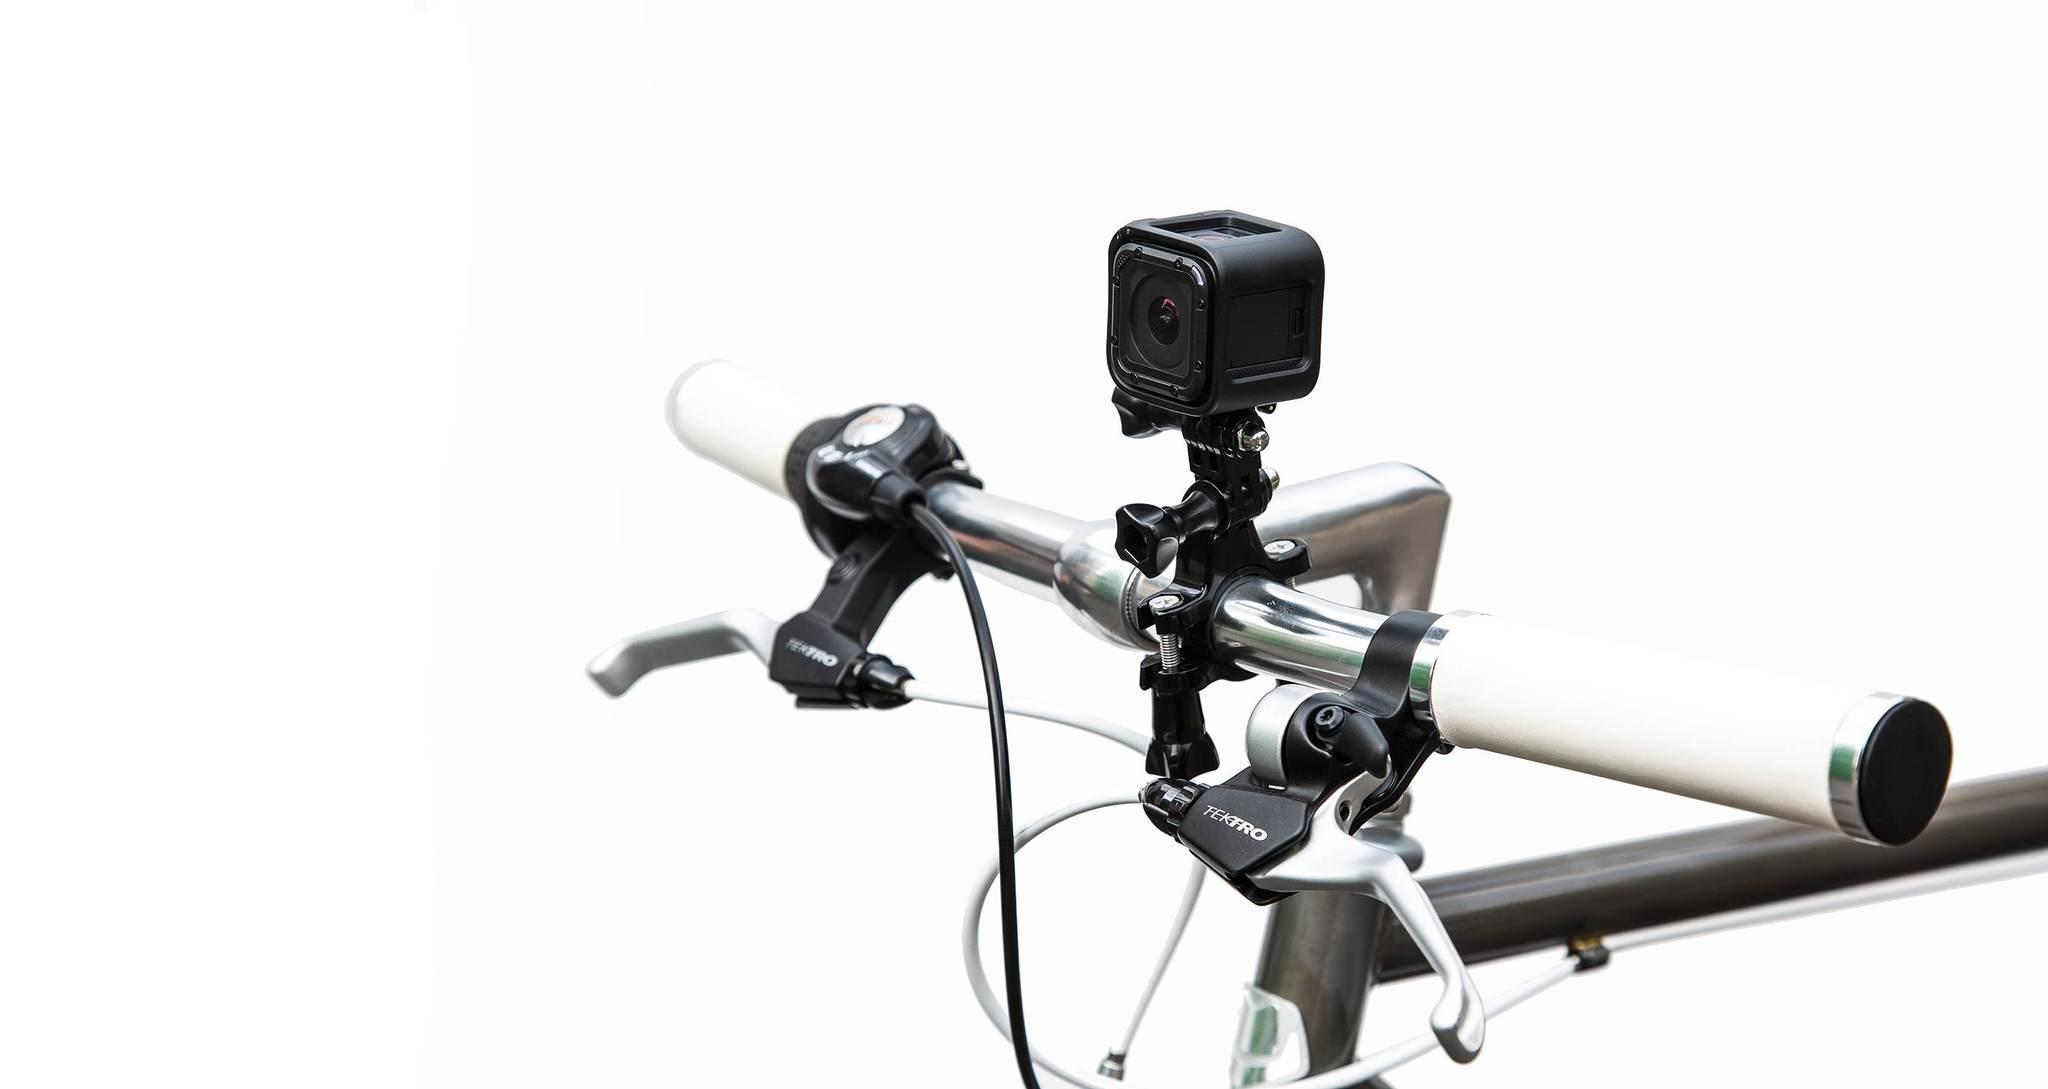 Крепление на трубу/раму диаметром 11мм –18мм GoPro GRH30 Handlebar Seatpost Pole Mount на руле спереди